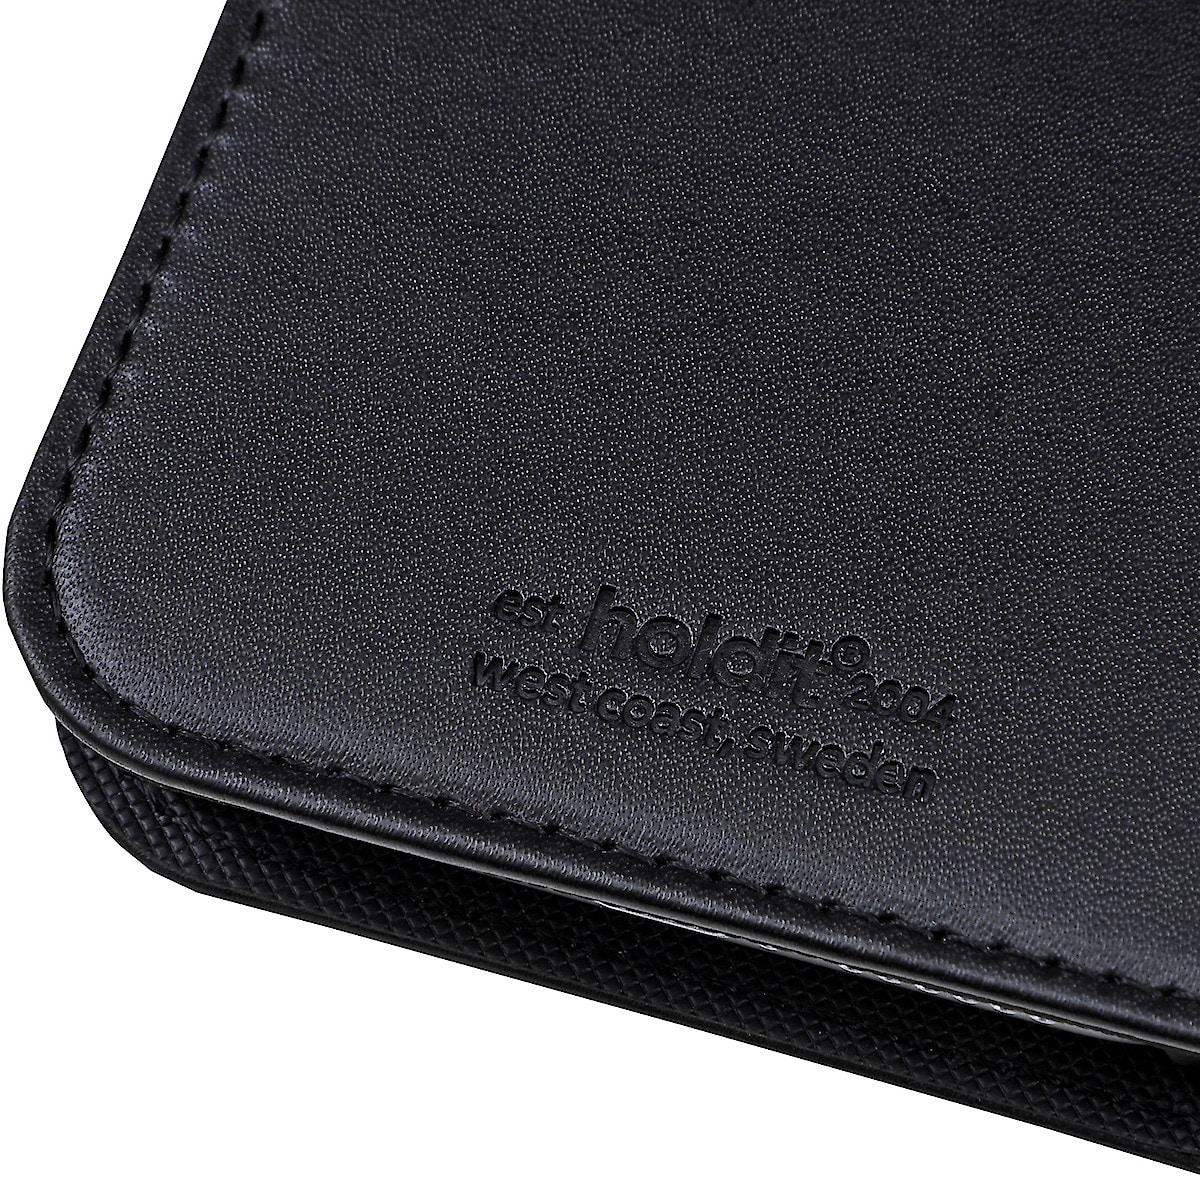 Plånboksfodral för iPhone 11 Pro Max, Holdit